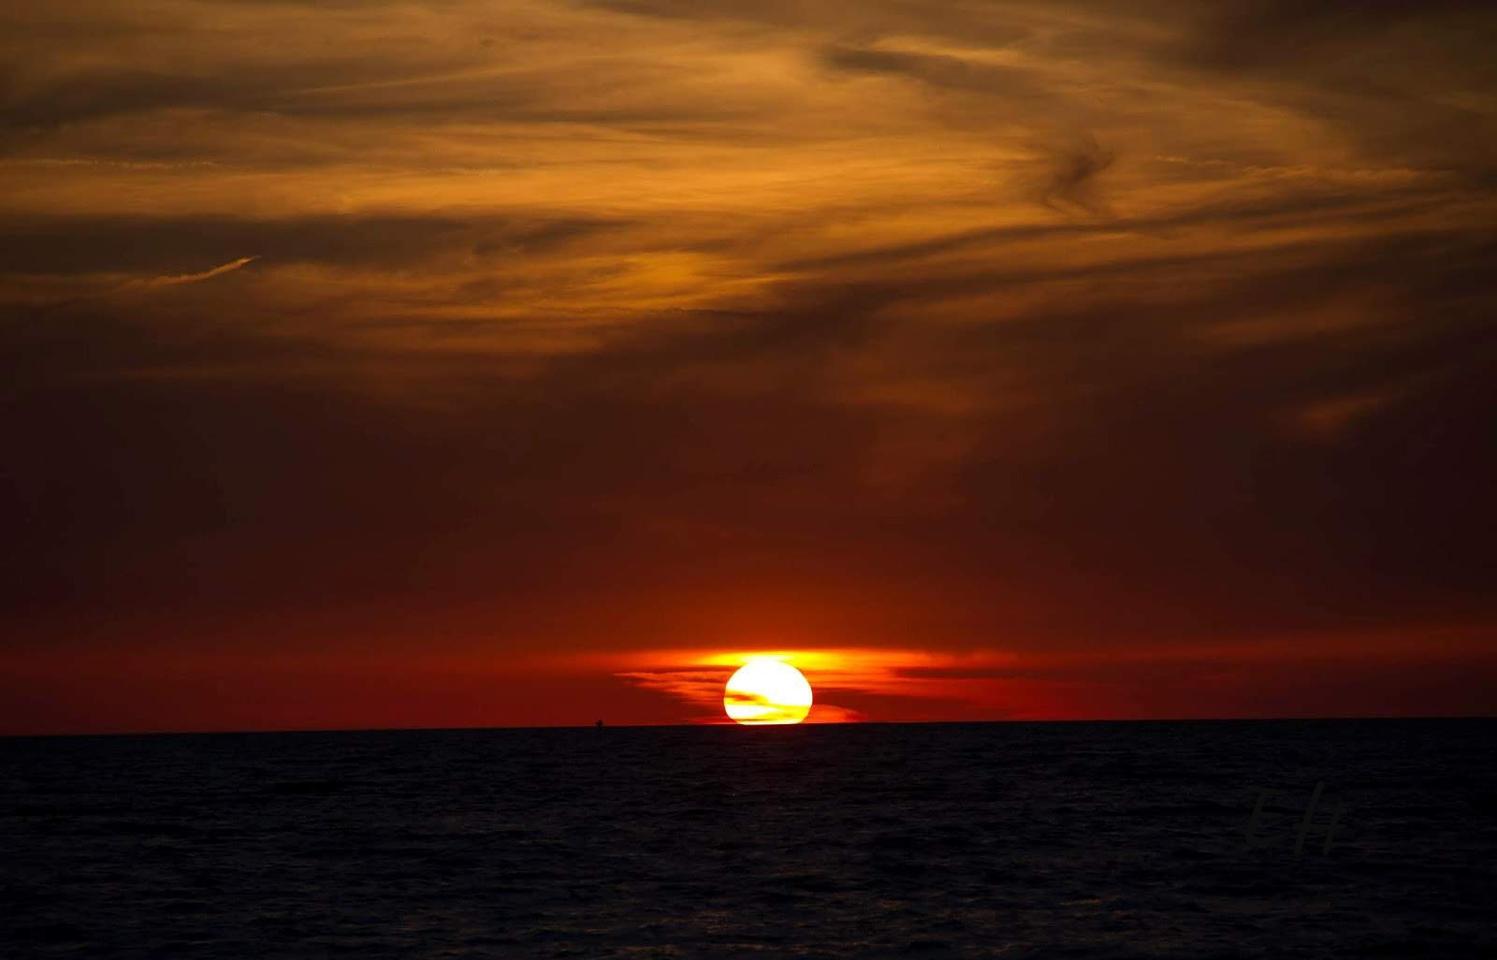 Le soleil se couche sur la golfe Persique (Iran)